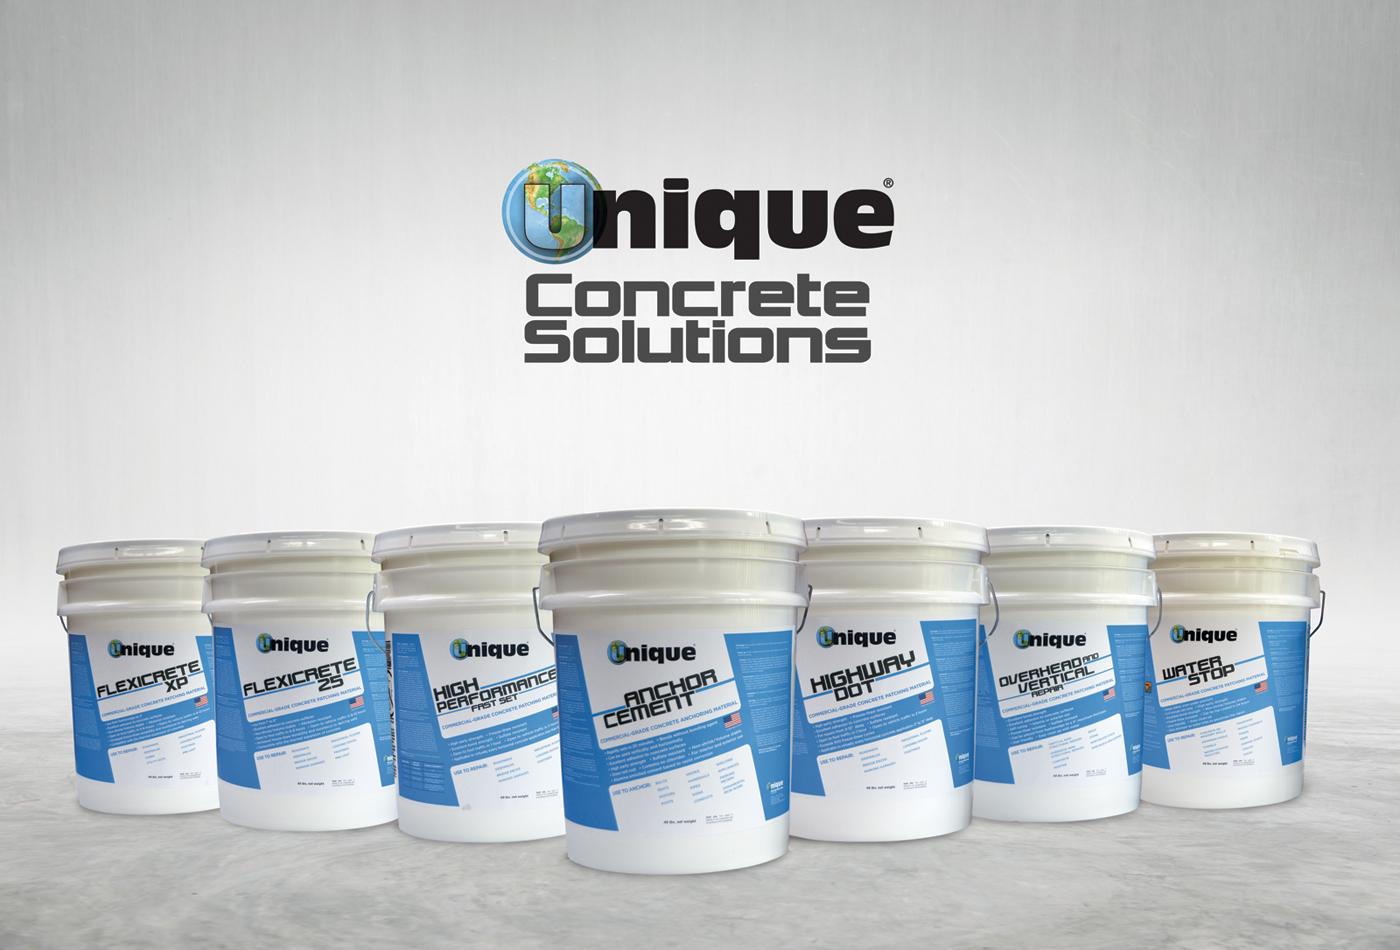 Unique Paving Materials Concrete Solutions product lineup.